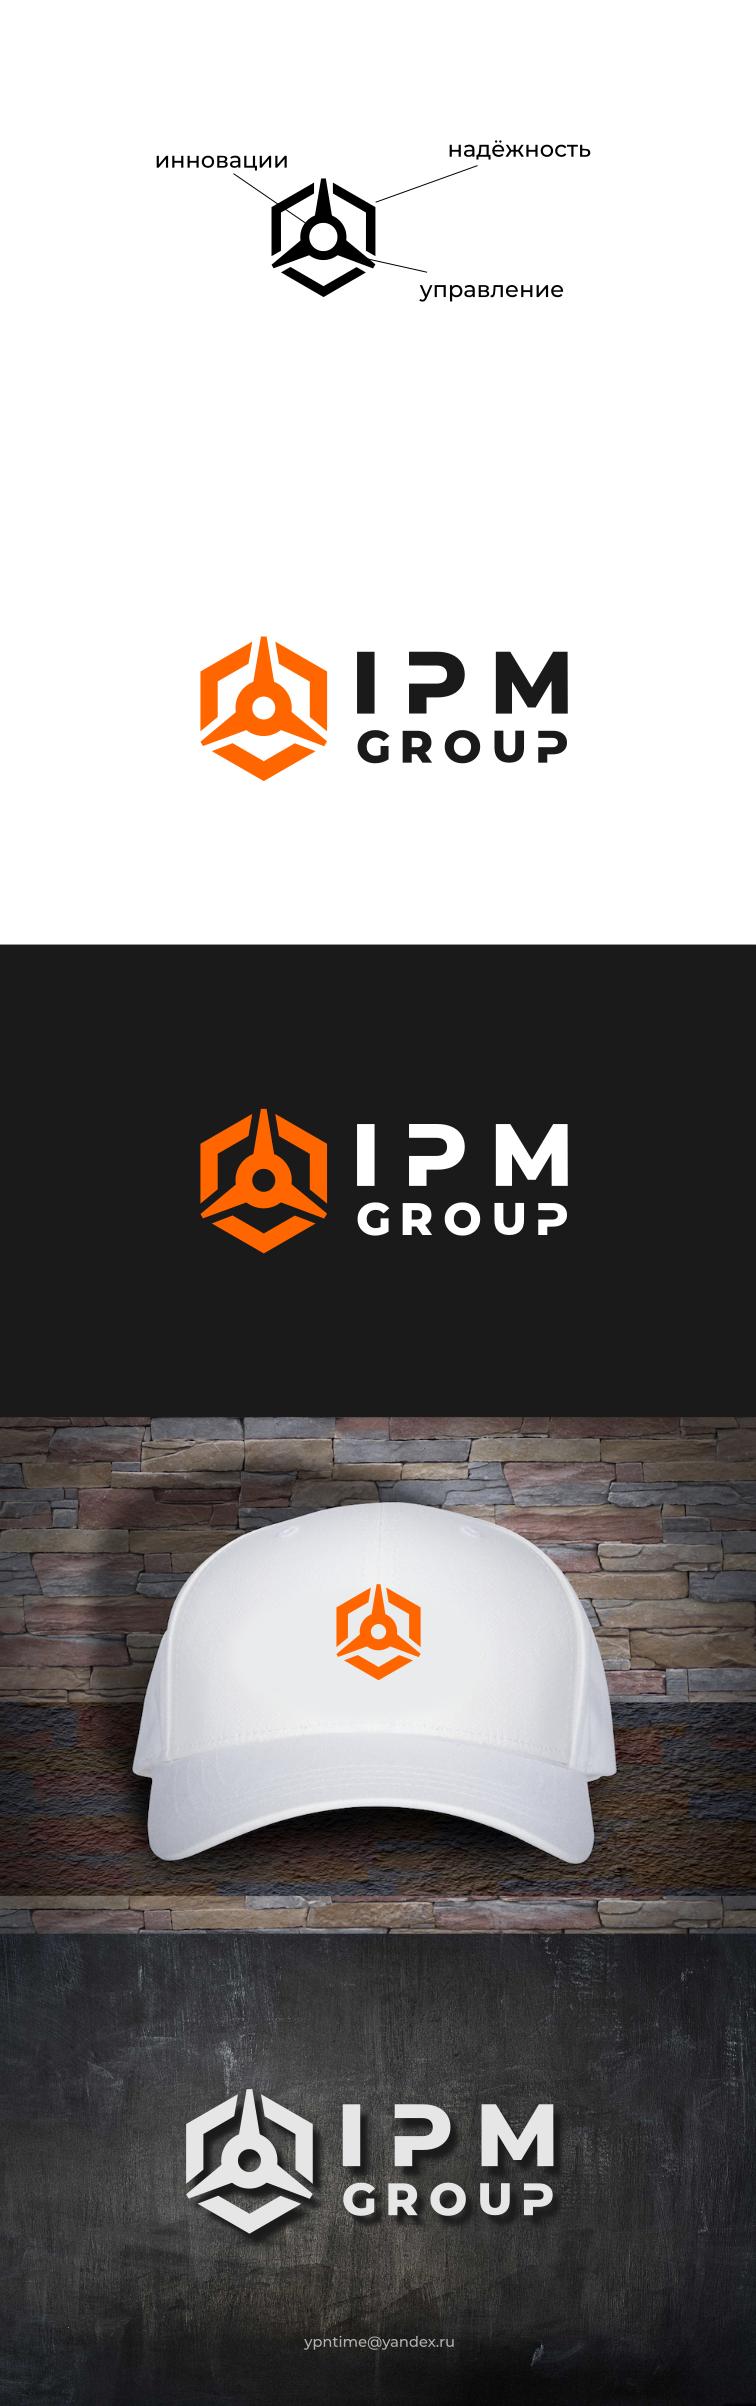 Разработка логотипа для управляющей компании фото f_7305f8463bc1daac.png